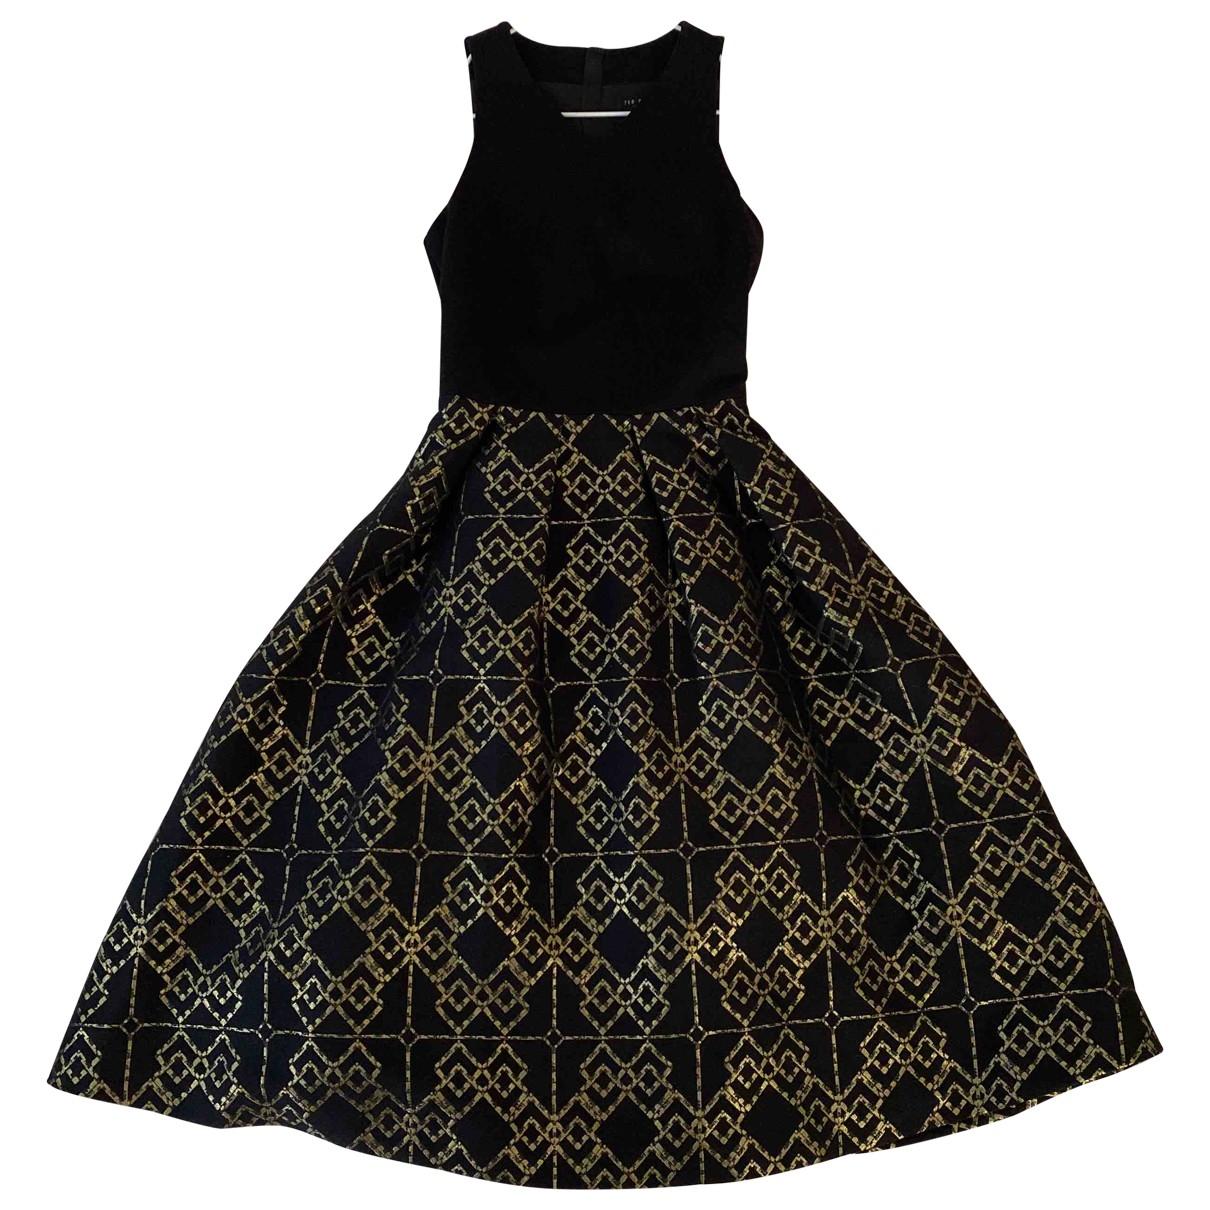 Ted Baker \N Black dress for Women 0 0-5